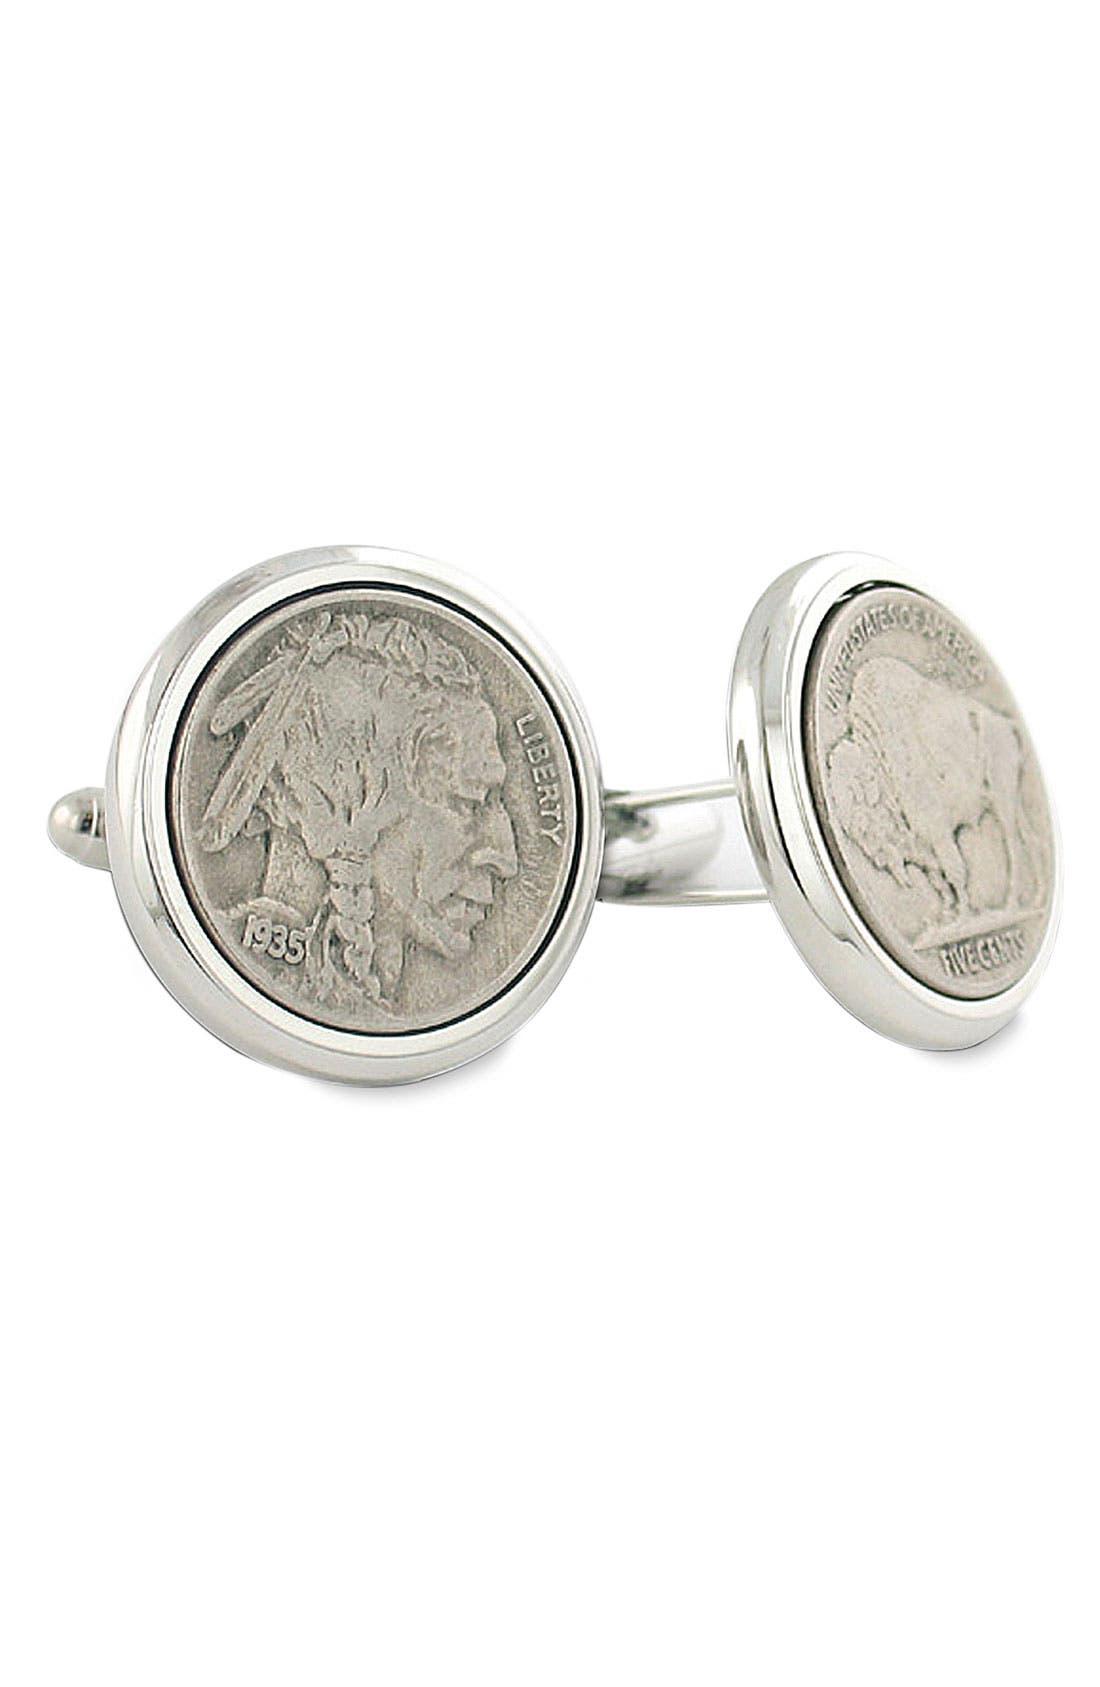 Buffalo Nickel Cuff Links,                         Main,                         color, Silver Nickel